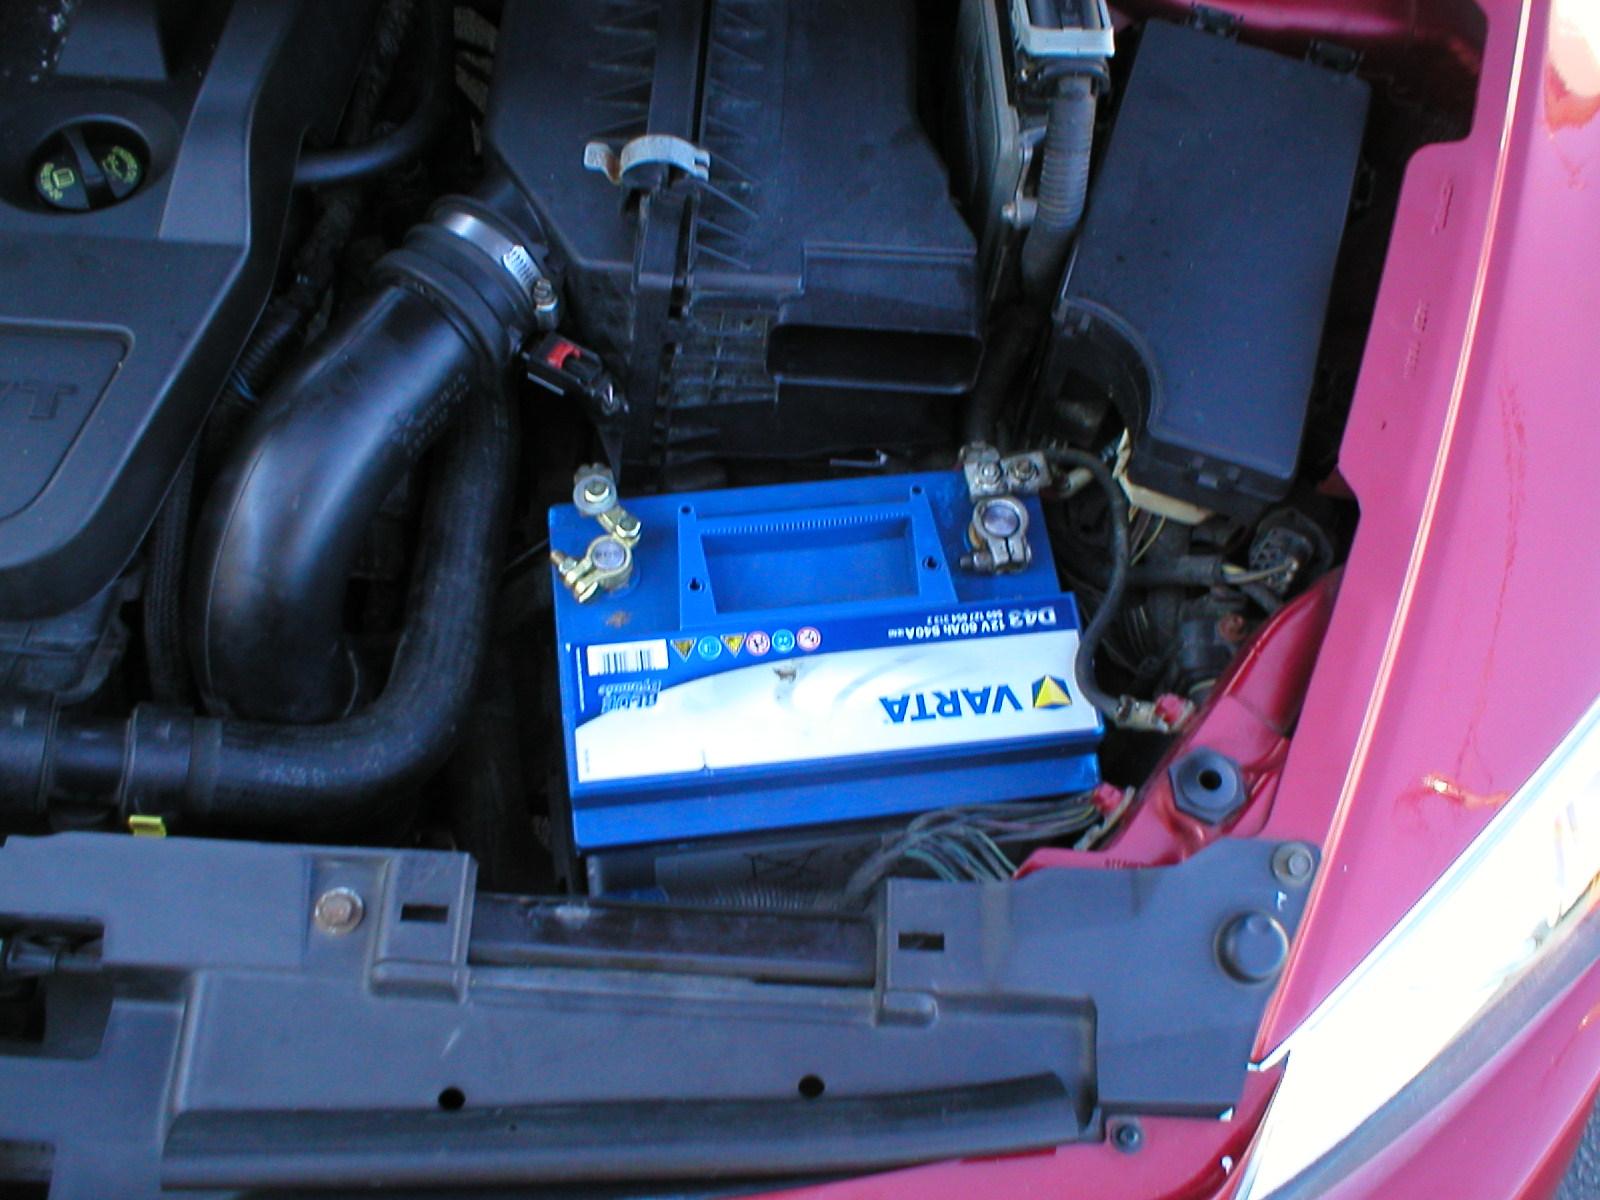 entretien caliber essence - Page 3 922340P1010195